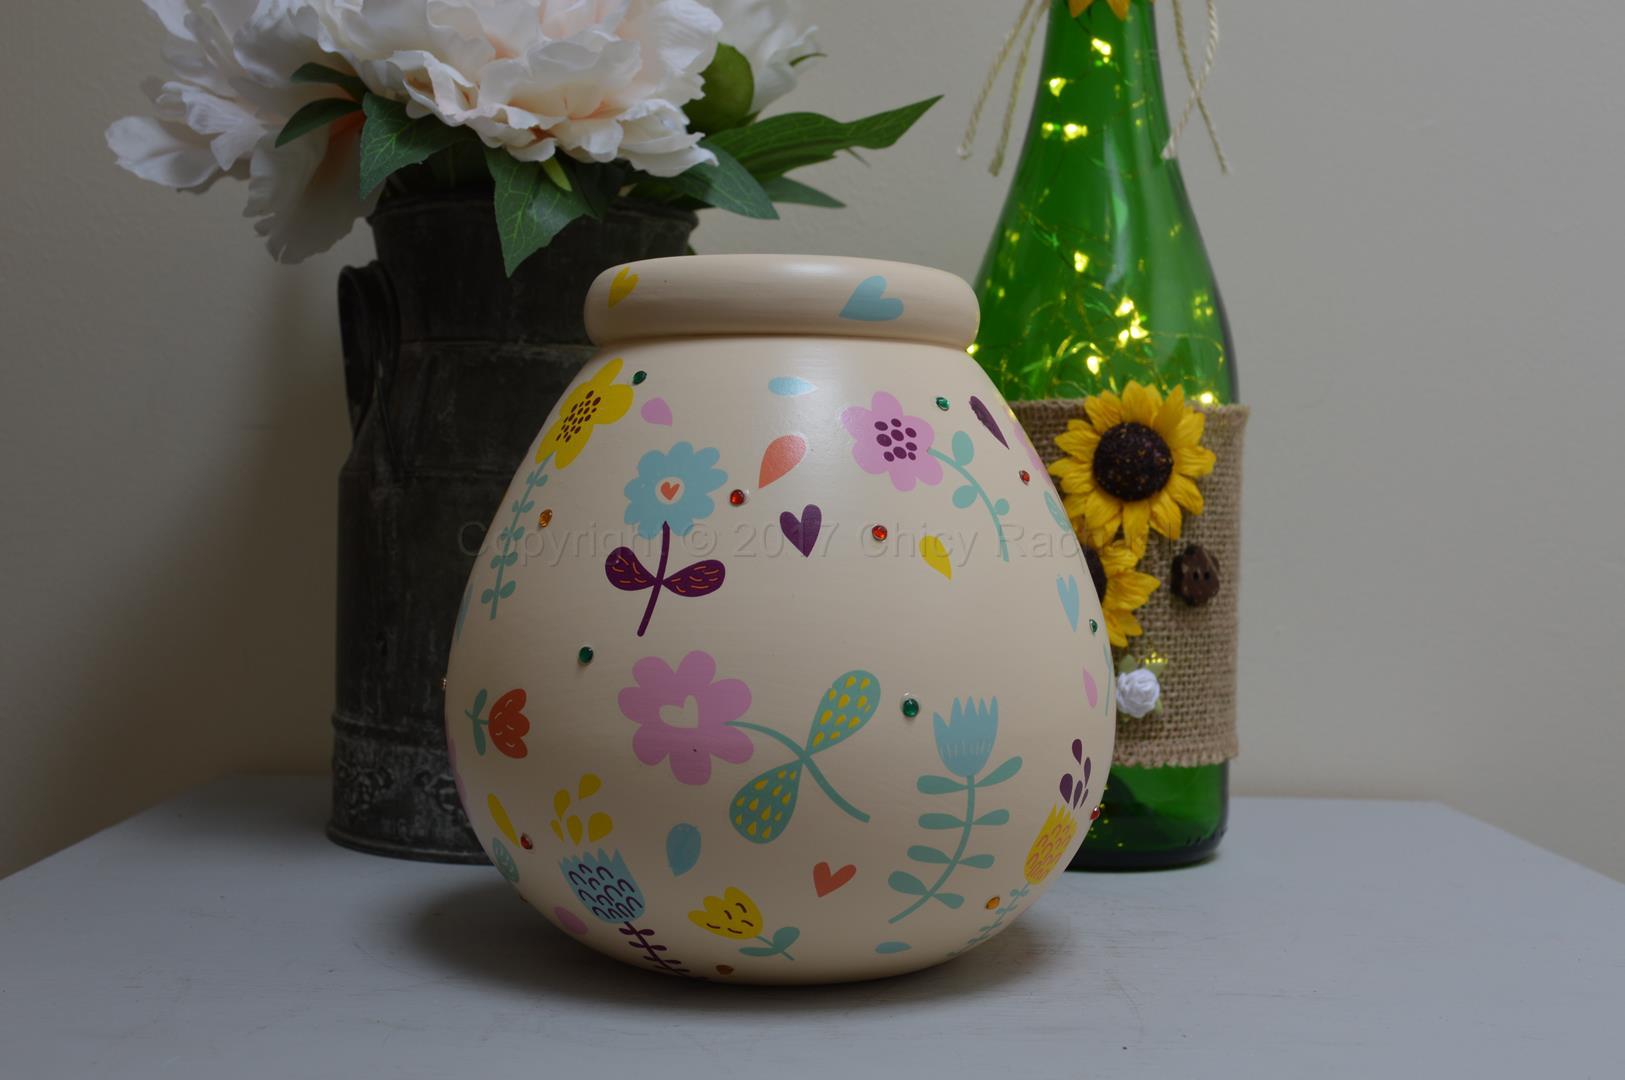 Bright Floral Pot Of Dreams 7